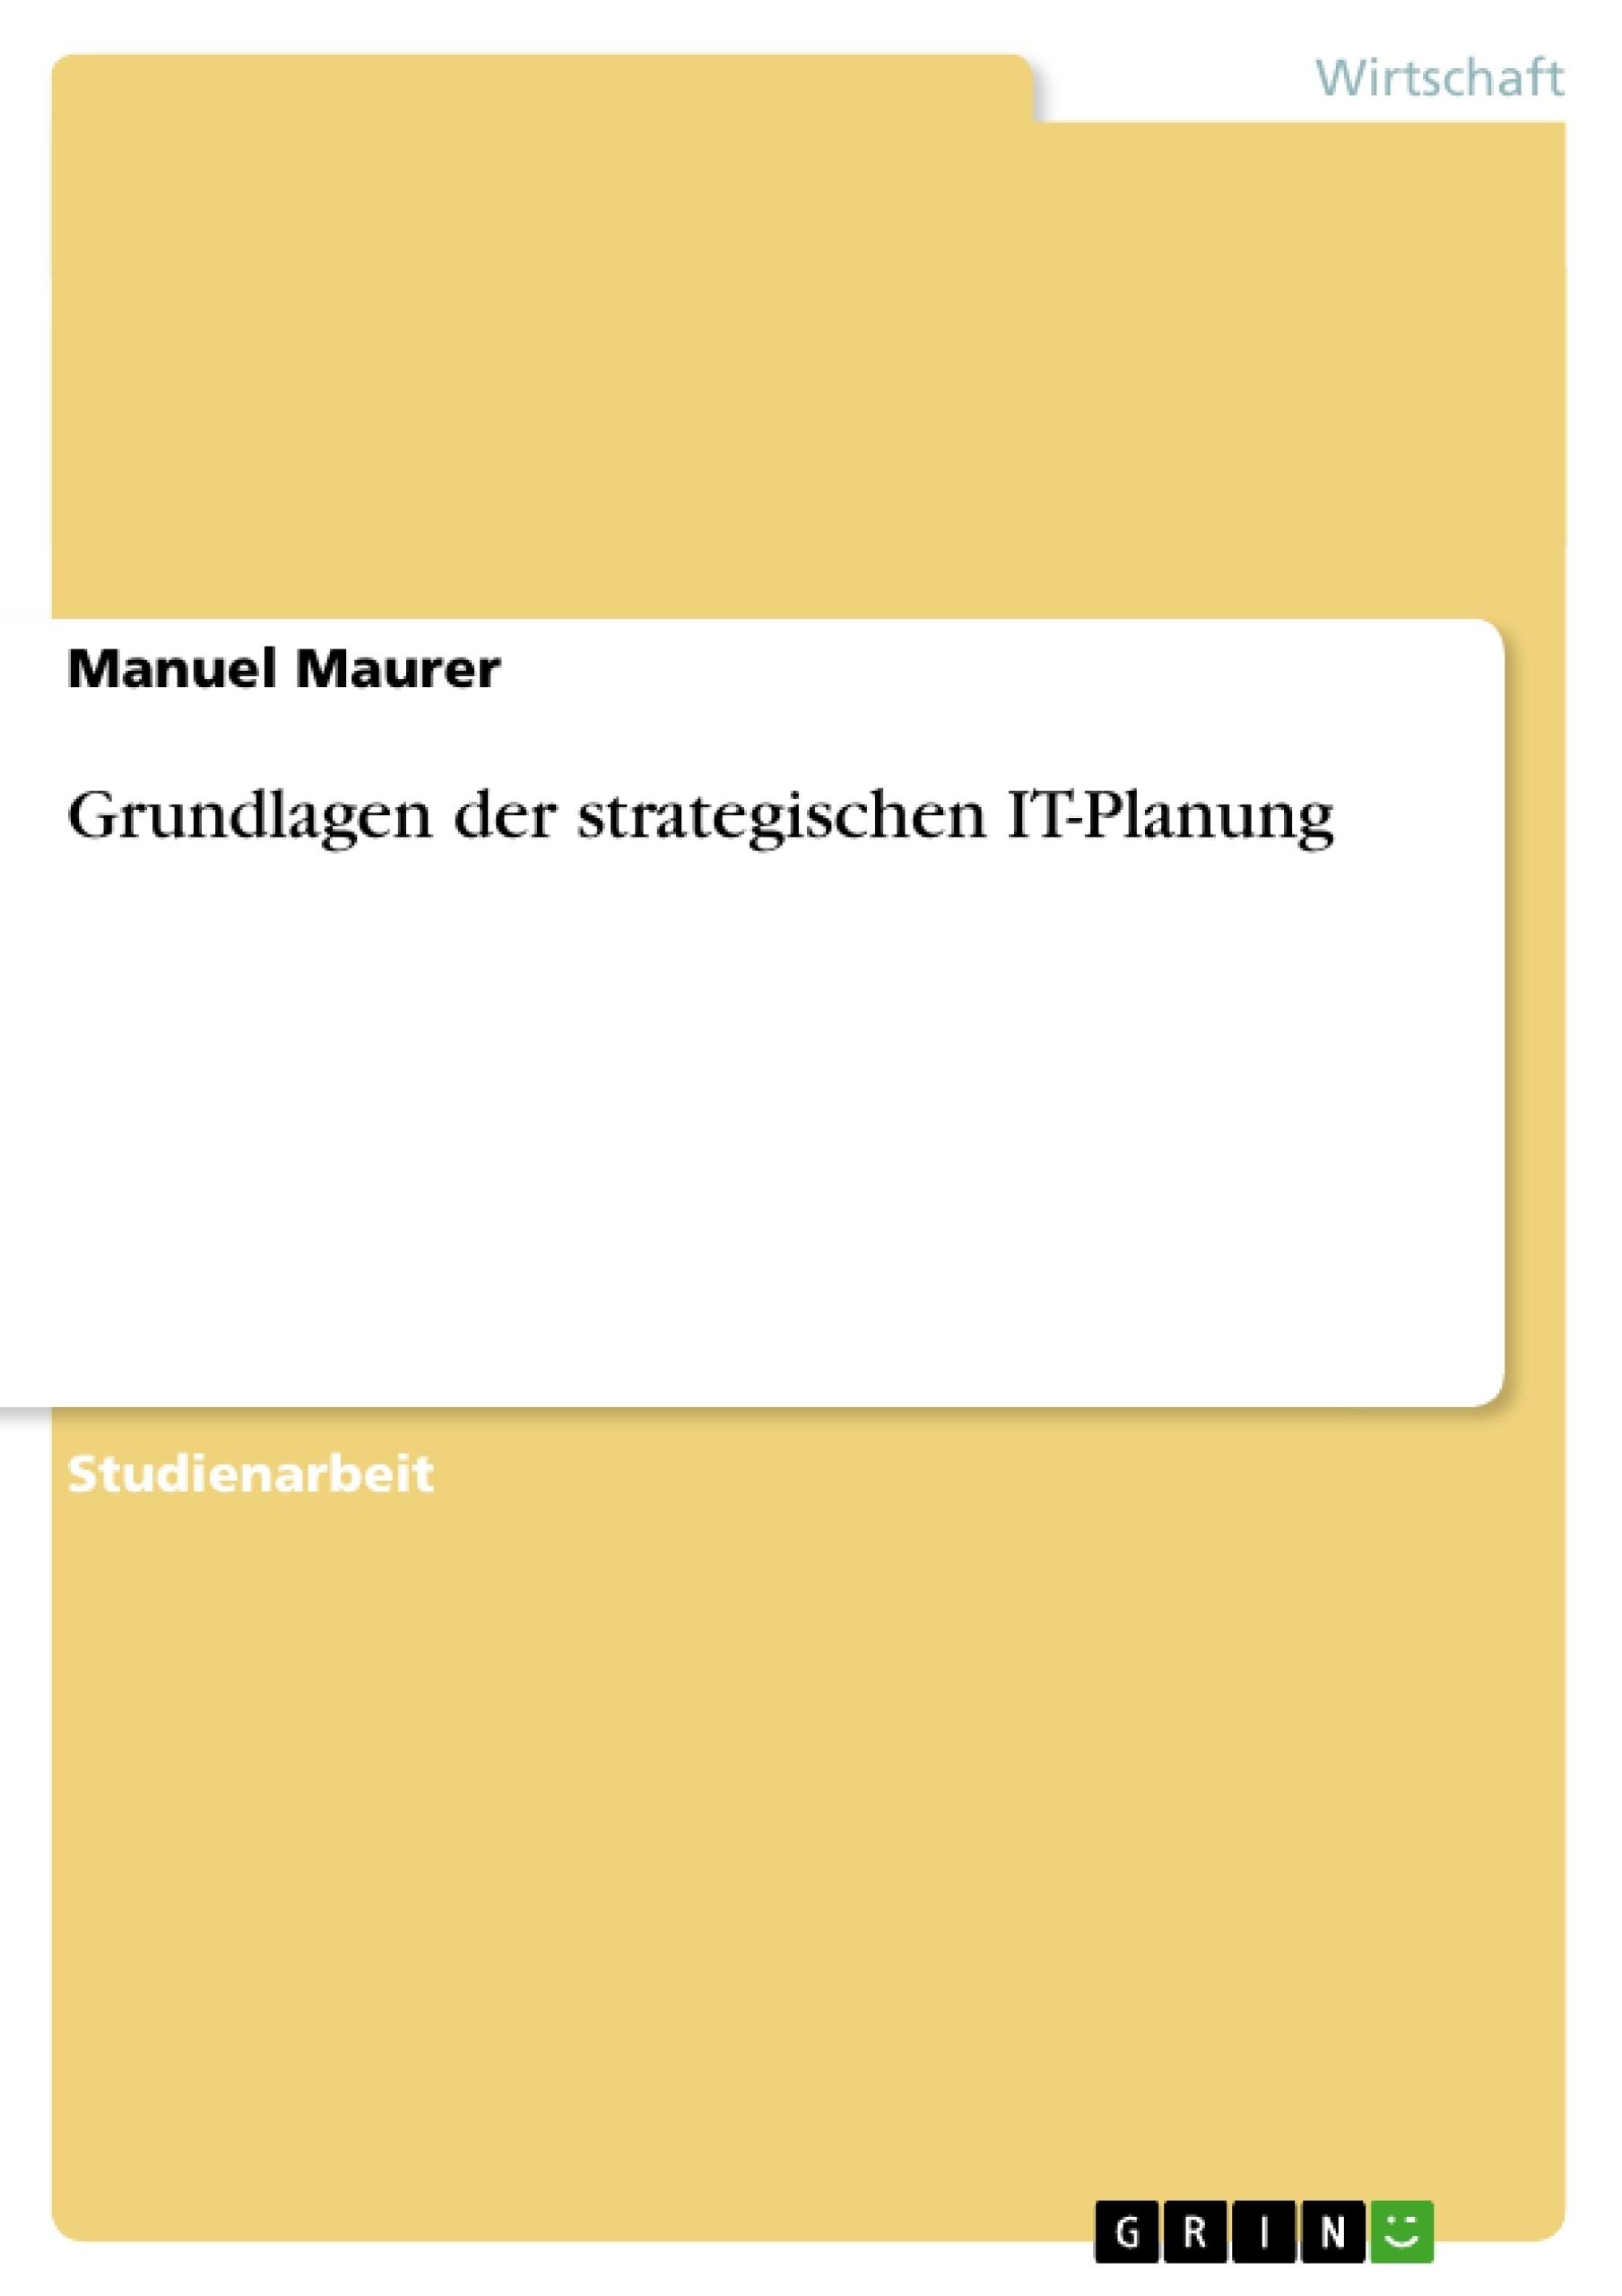 Titel: Grundlagen der strategischen IT-Planung